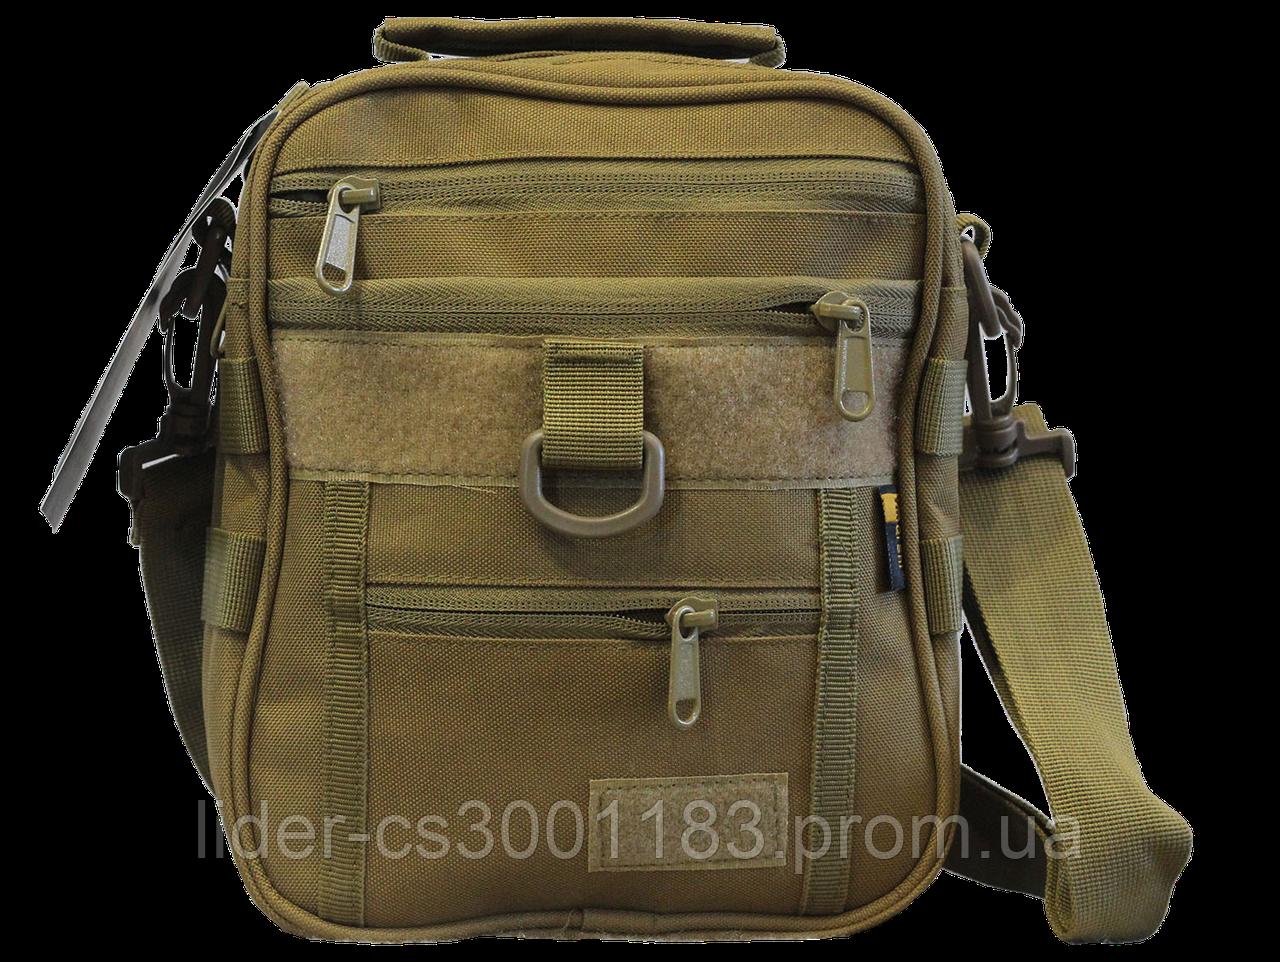 Тактическая универсальная сумка на плечо Silver Knight с системой M.O.L.L.E (102-coyote)